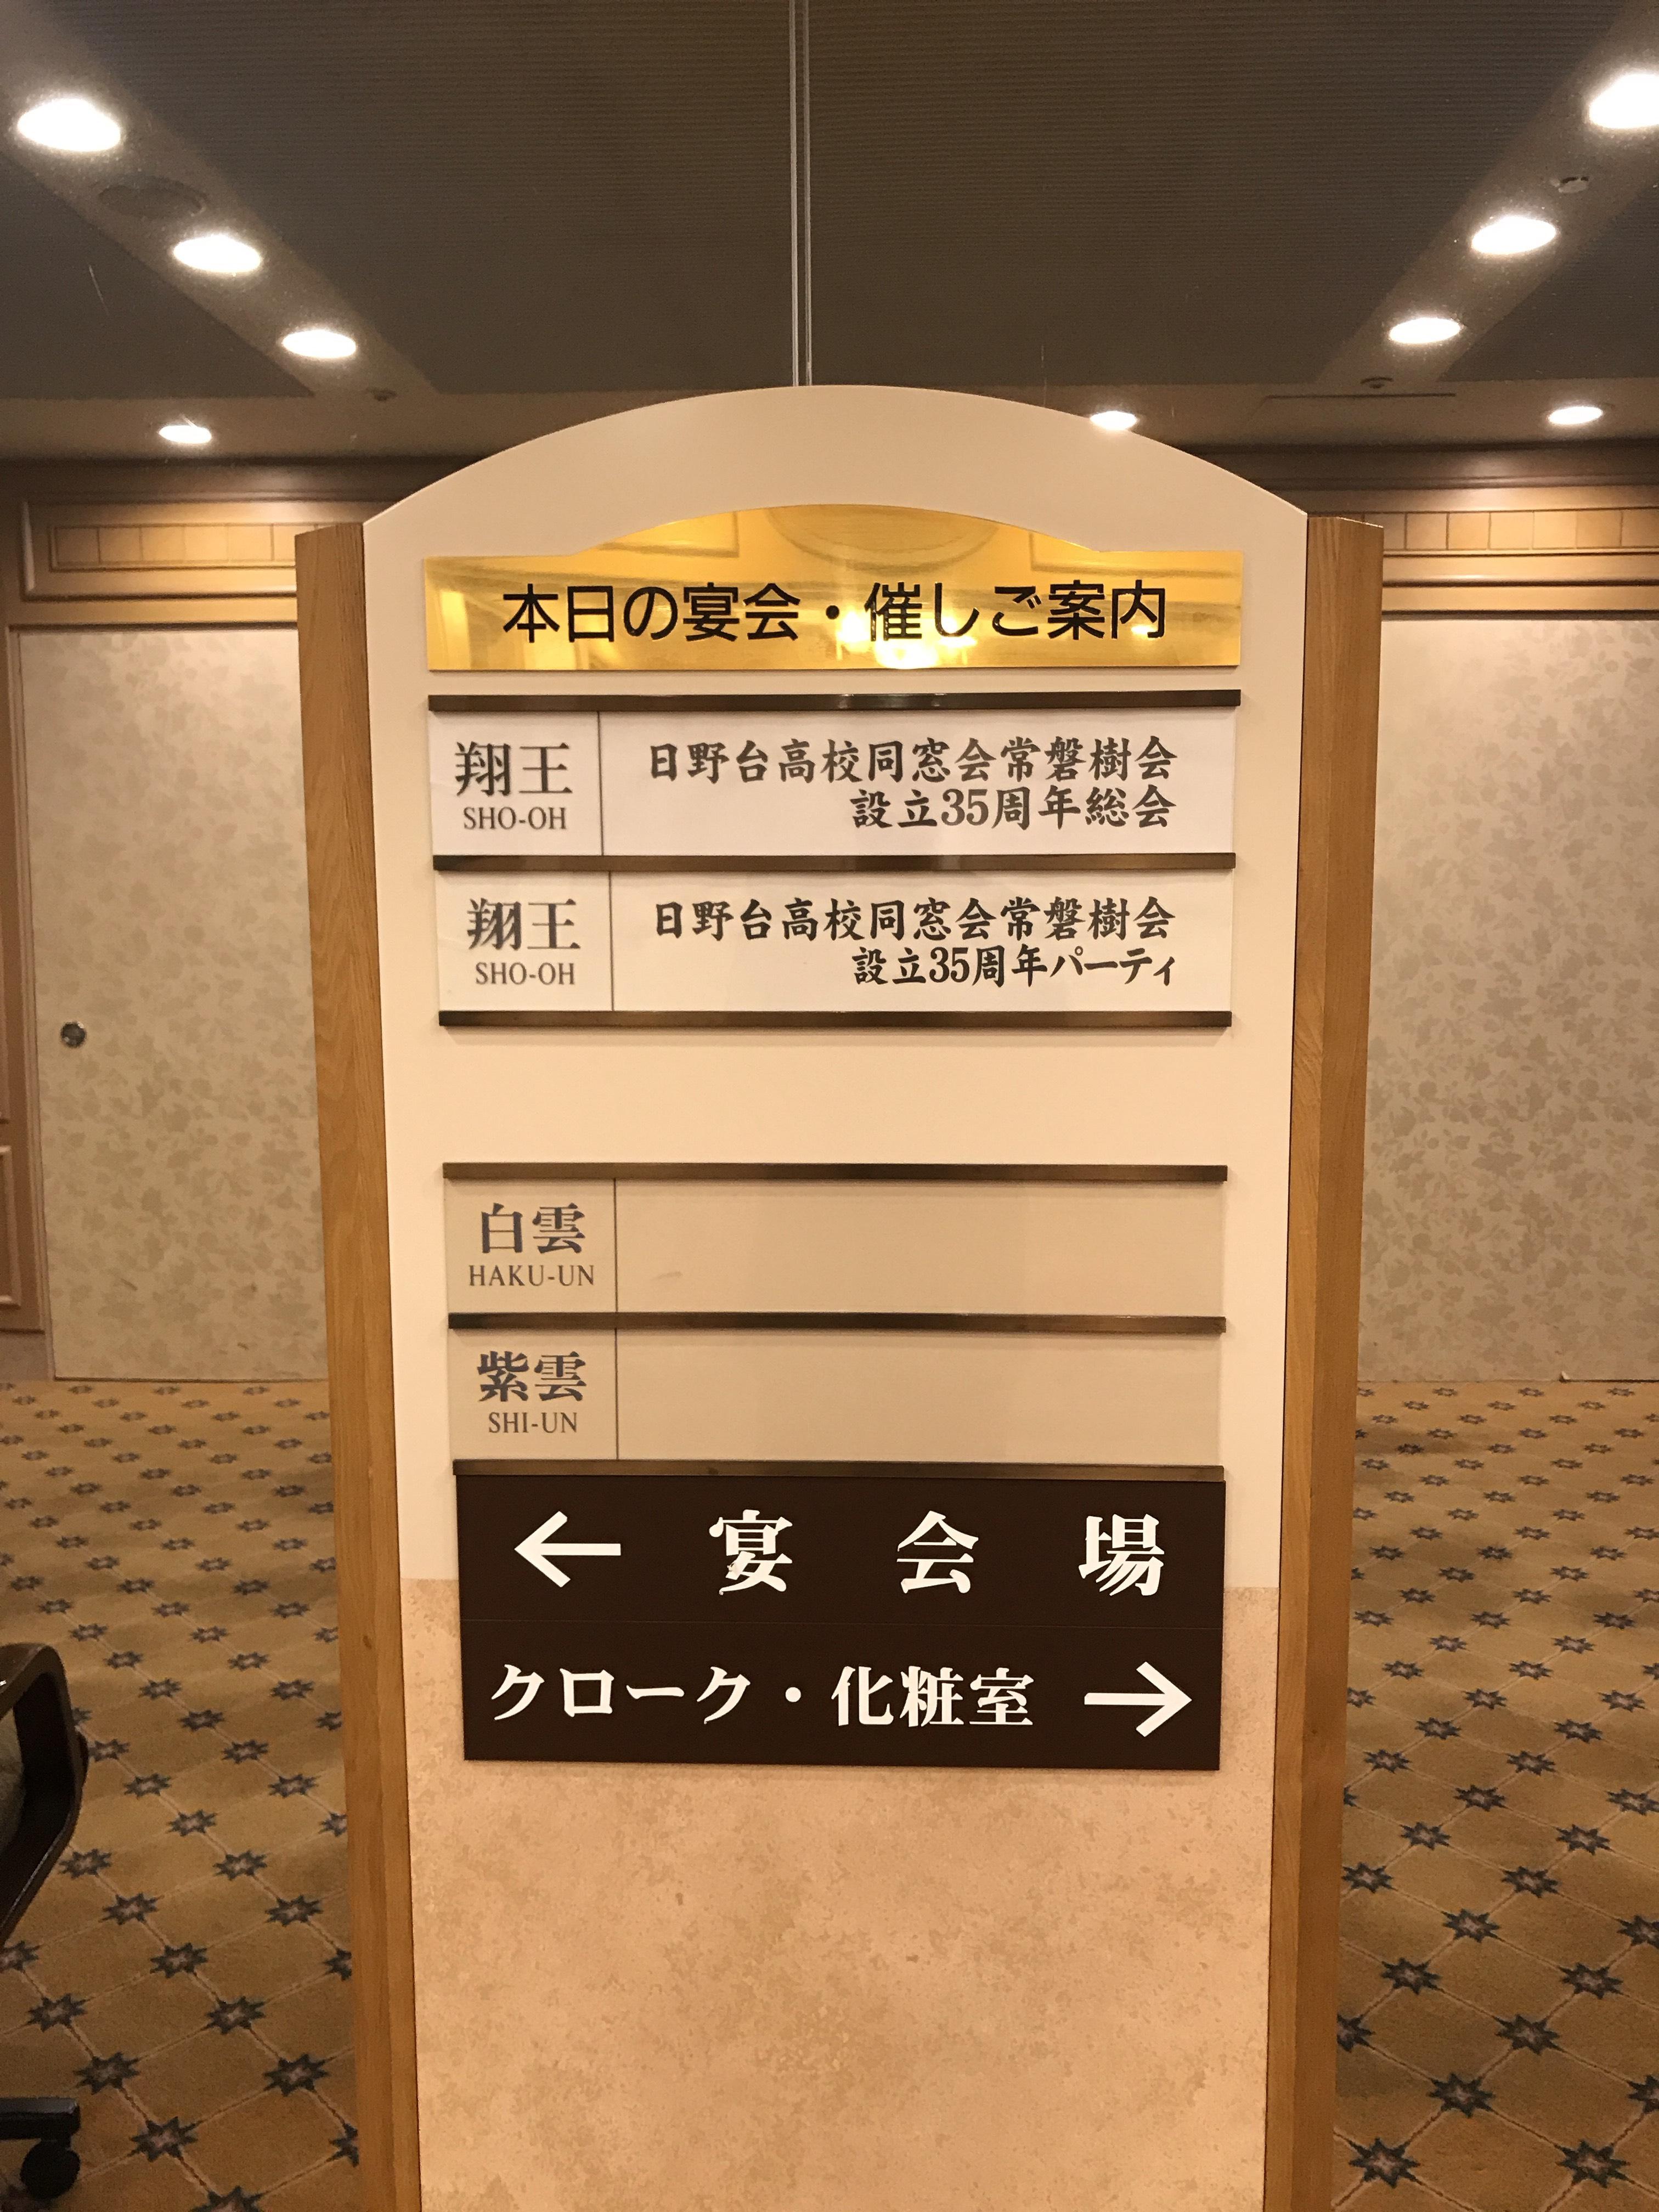 http://hinodai.sakura.ne.jp/news/IMG_7006.jpg